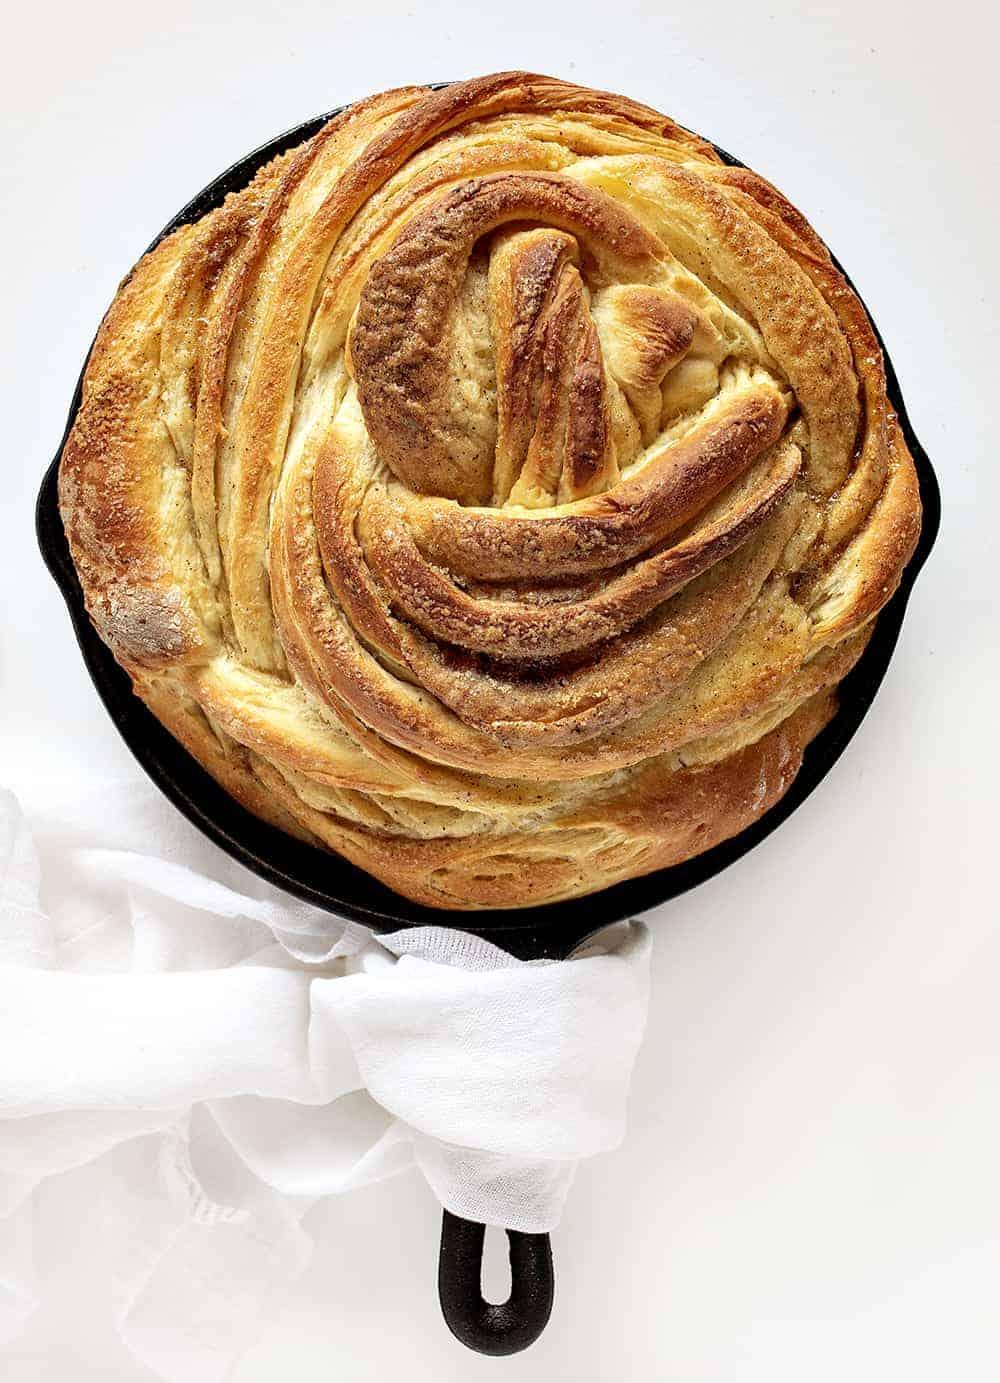 Orange Cardamom Breakfast Bread Twist without the Glaze